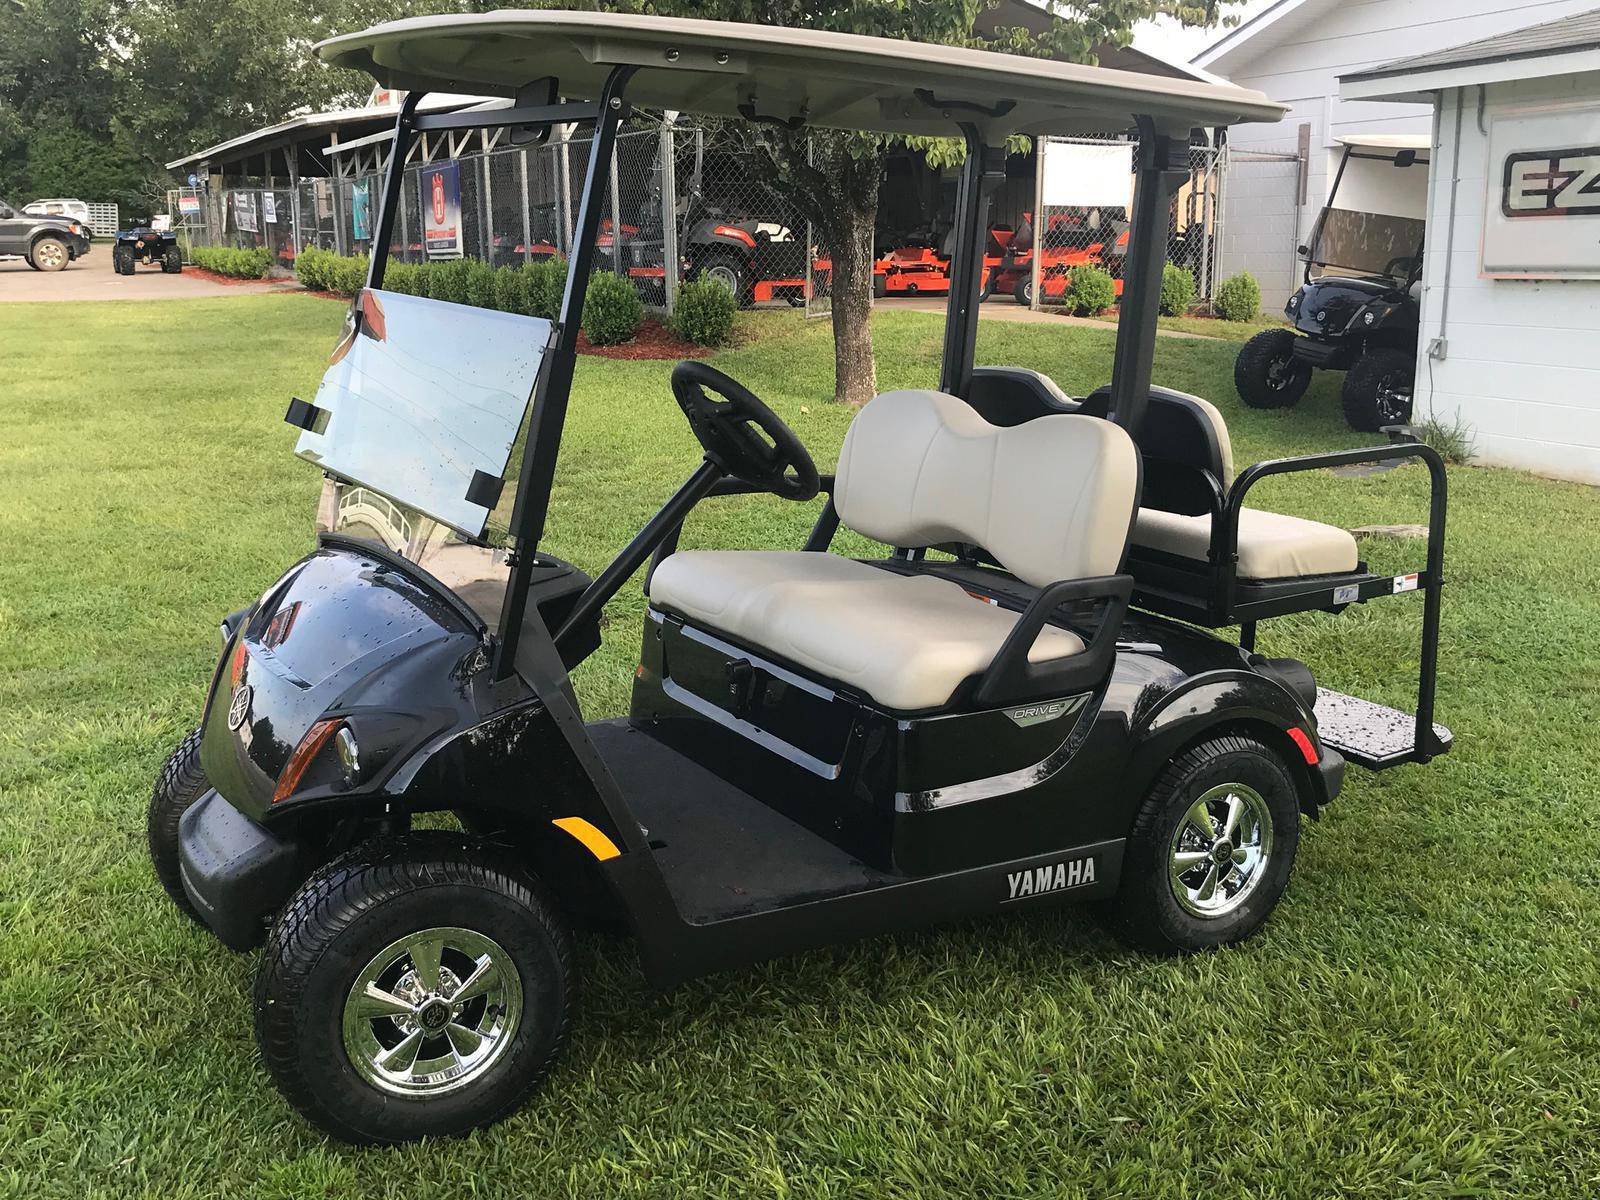 Yamaha G9 - yamaha golf cart 36 48 volt battery charger